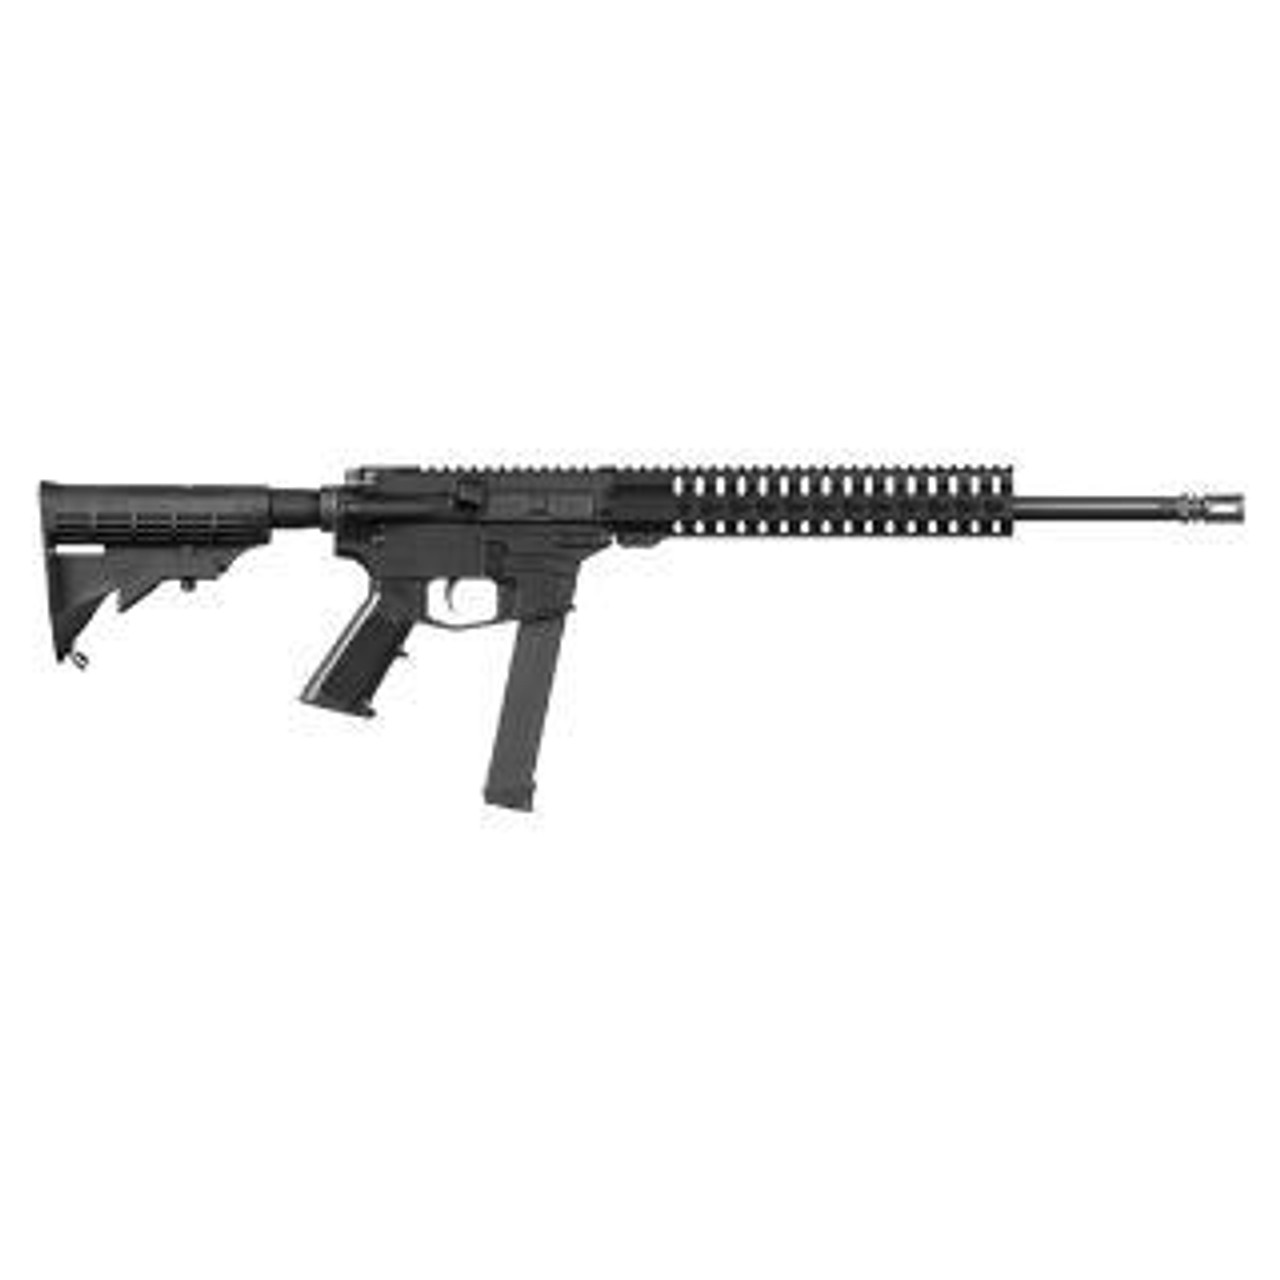 CMMG MkGs Guard T CALIFORNIA LEGAL - 9mm